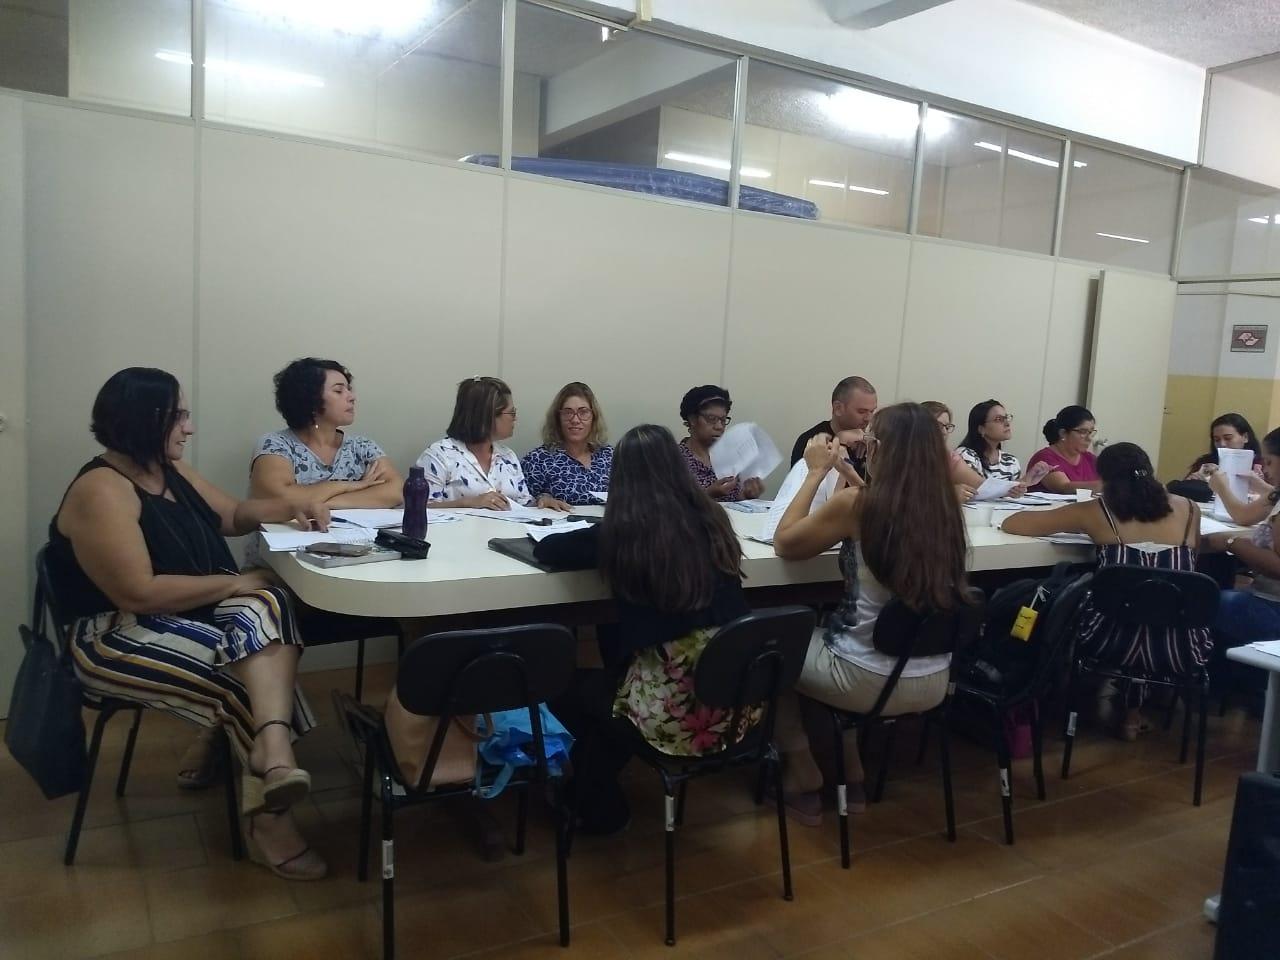 Aprendizagem é tema de formação para professores da Rede Municipal de ensino